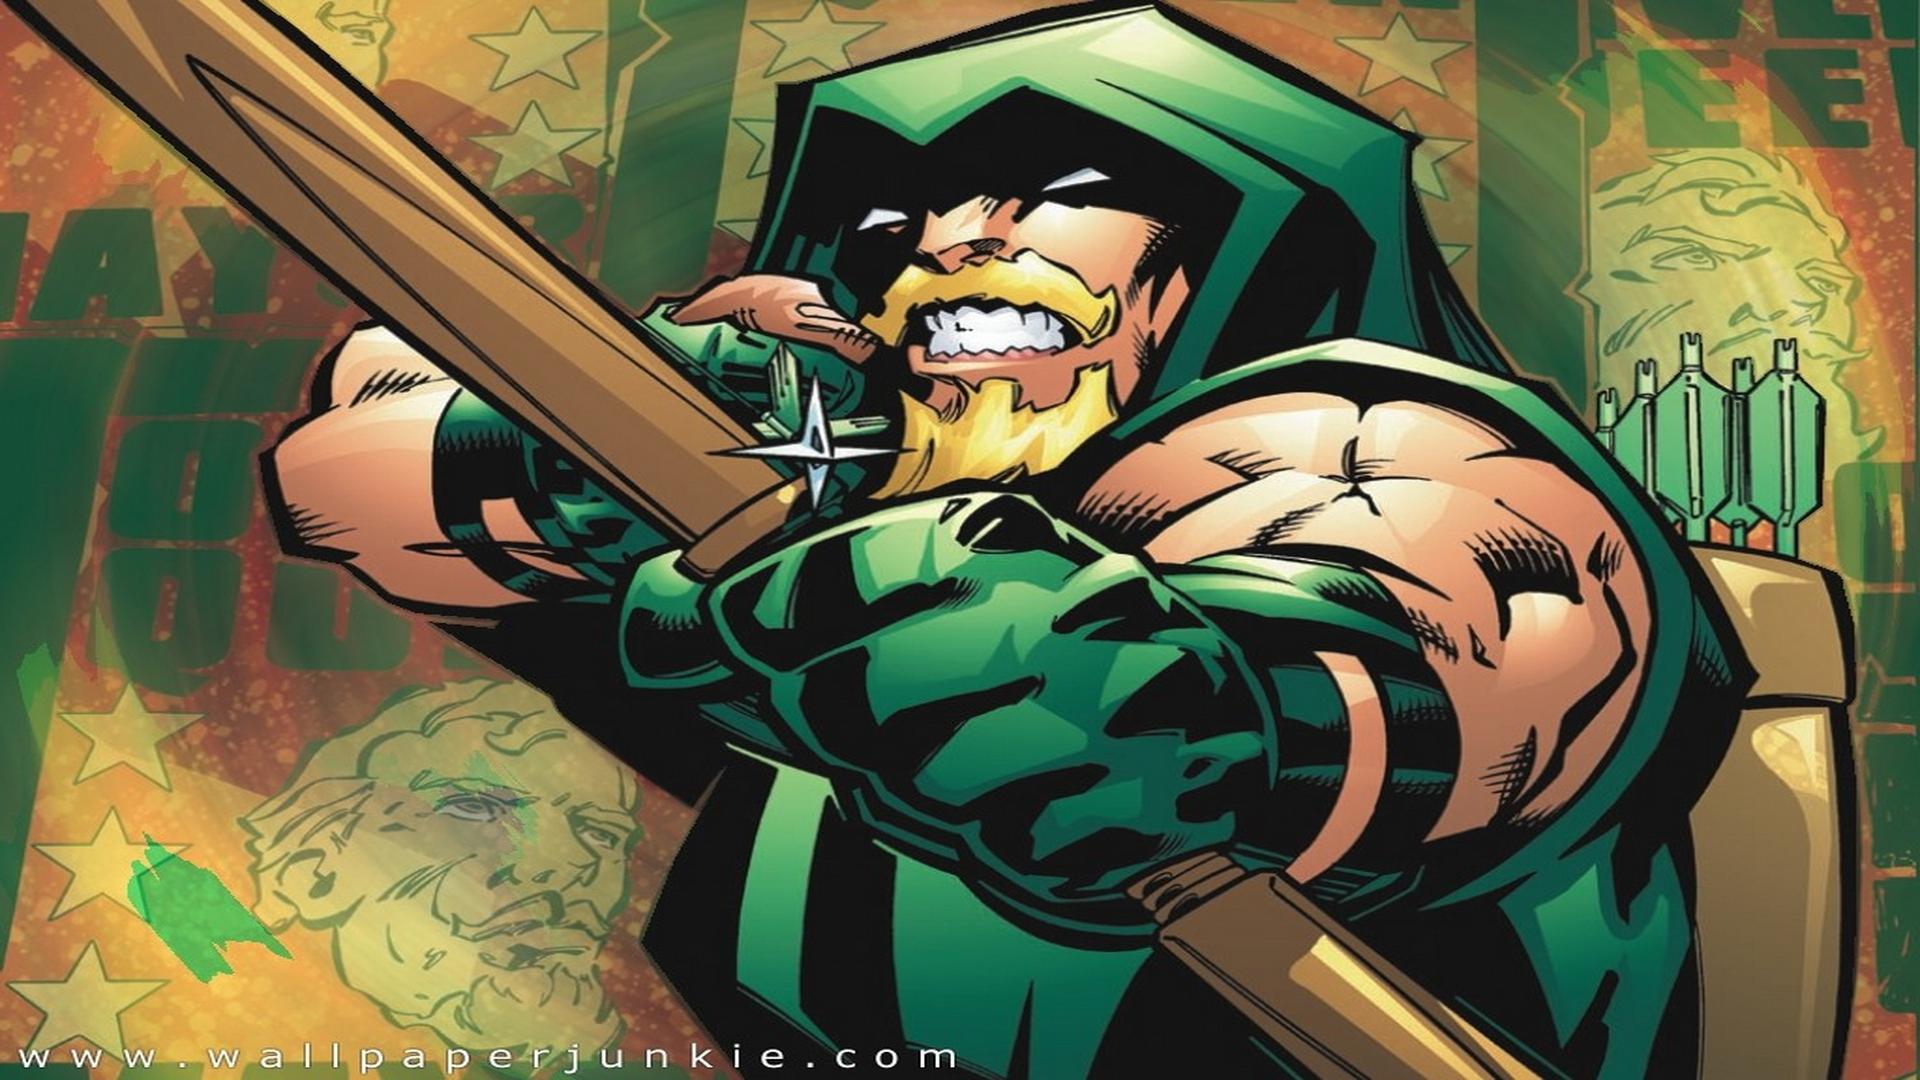 DC Comics Wallpapers Green Arrow dc comics 251211 1024 768 Pictures 1920x1080